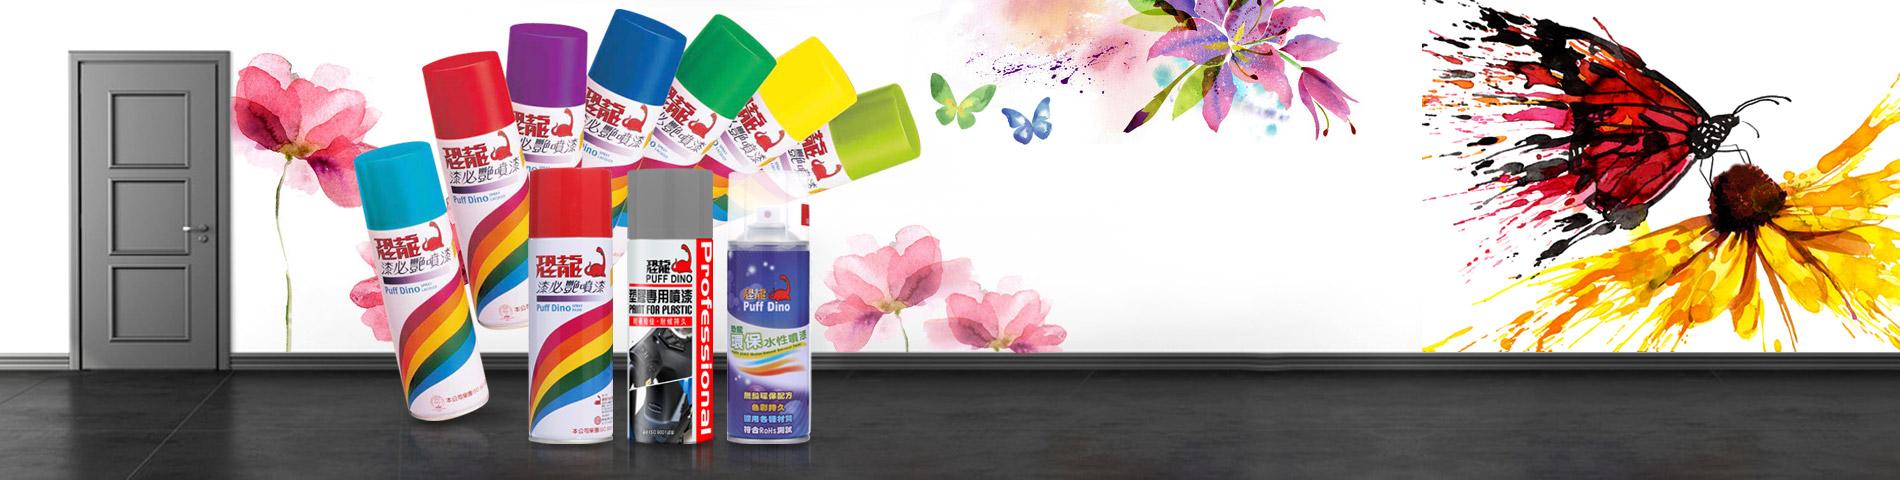 恐龍噴漆塗料系列 耐候性佳,長保色彩美麗鮮豔 全系列都在台灣研發及生產,品質優良,永遠走在業界最前面。